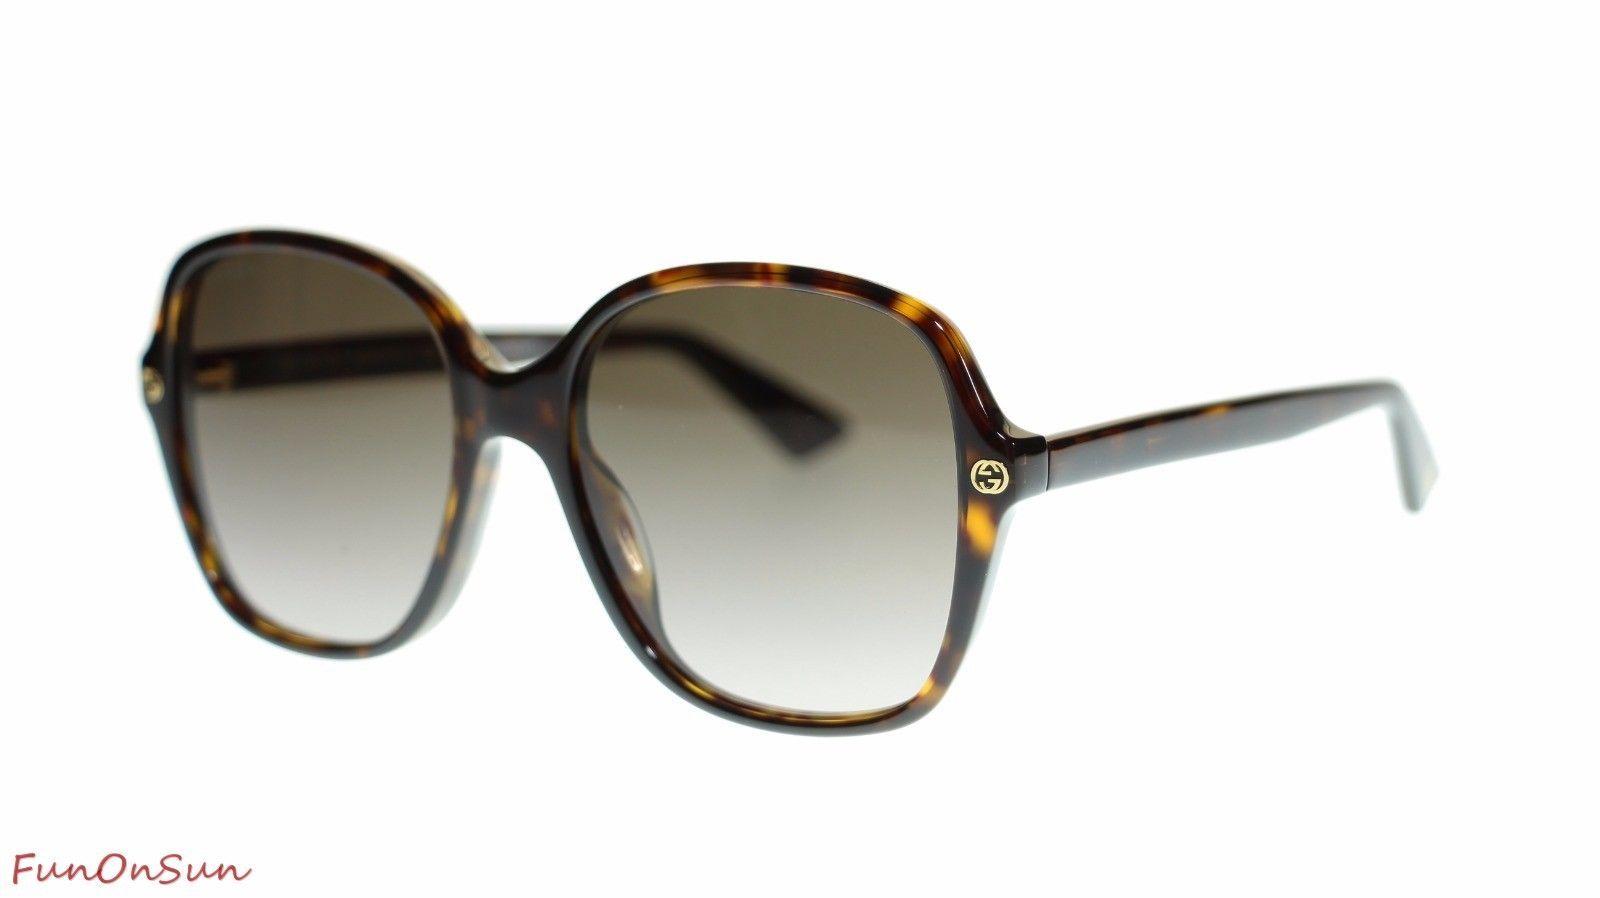 3f9c13d7eb0 S l1600. S l1600. Previous. Gucci Women Square Sunglasses GG0092S 002 Havana Brown  Lens 55mm Authentic